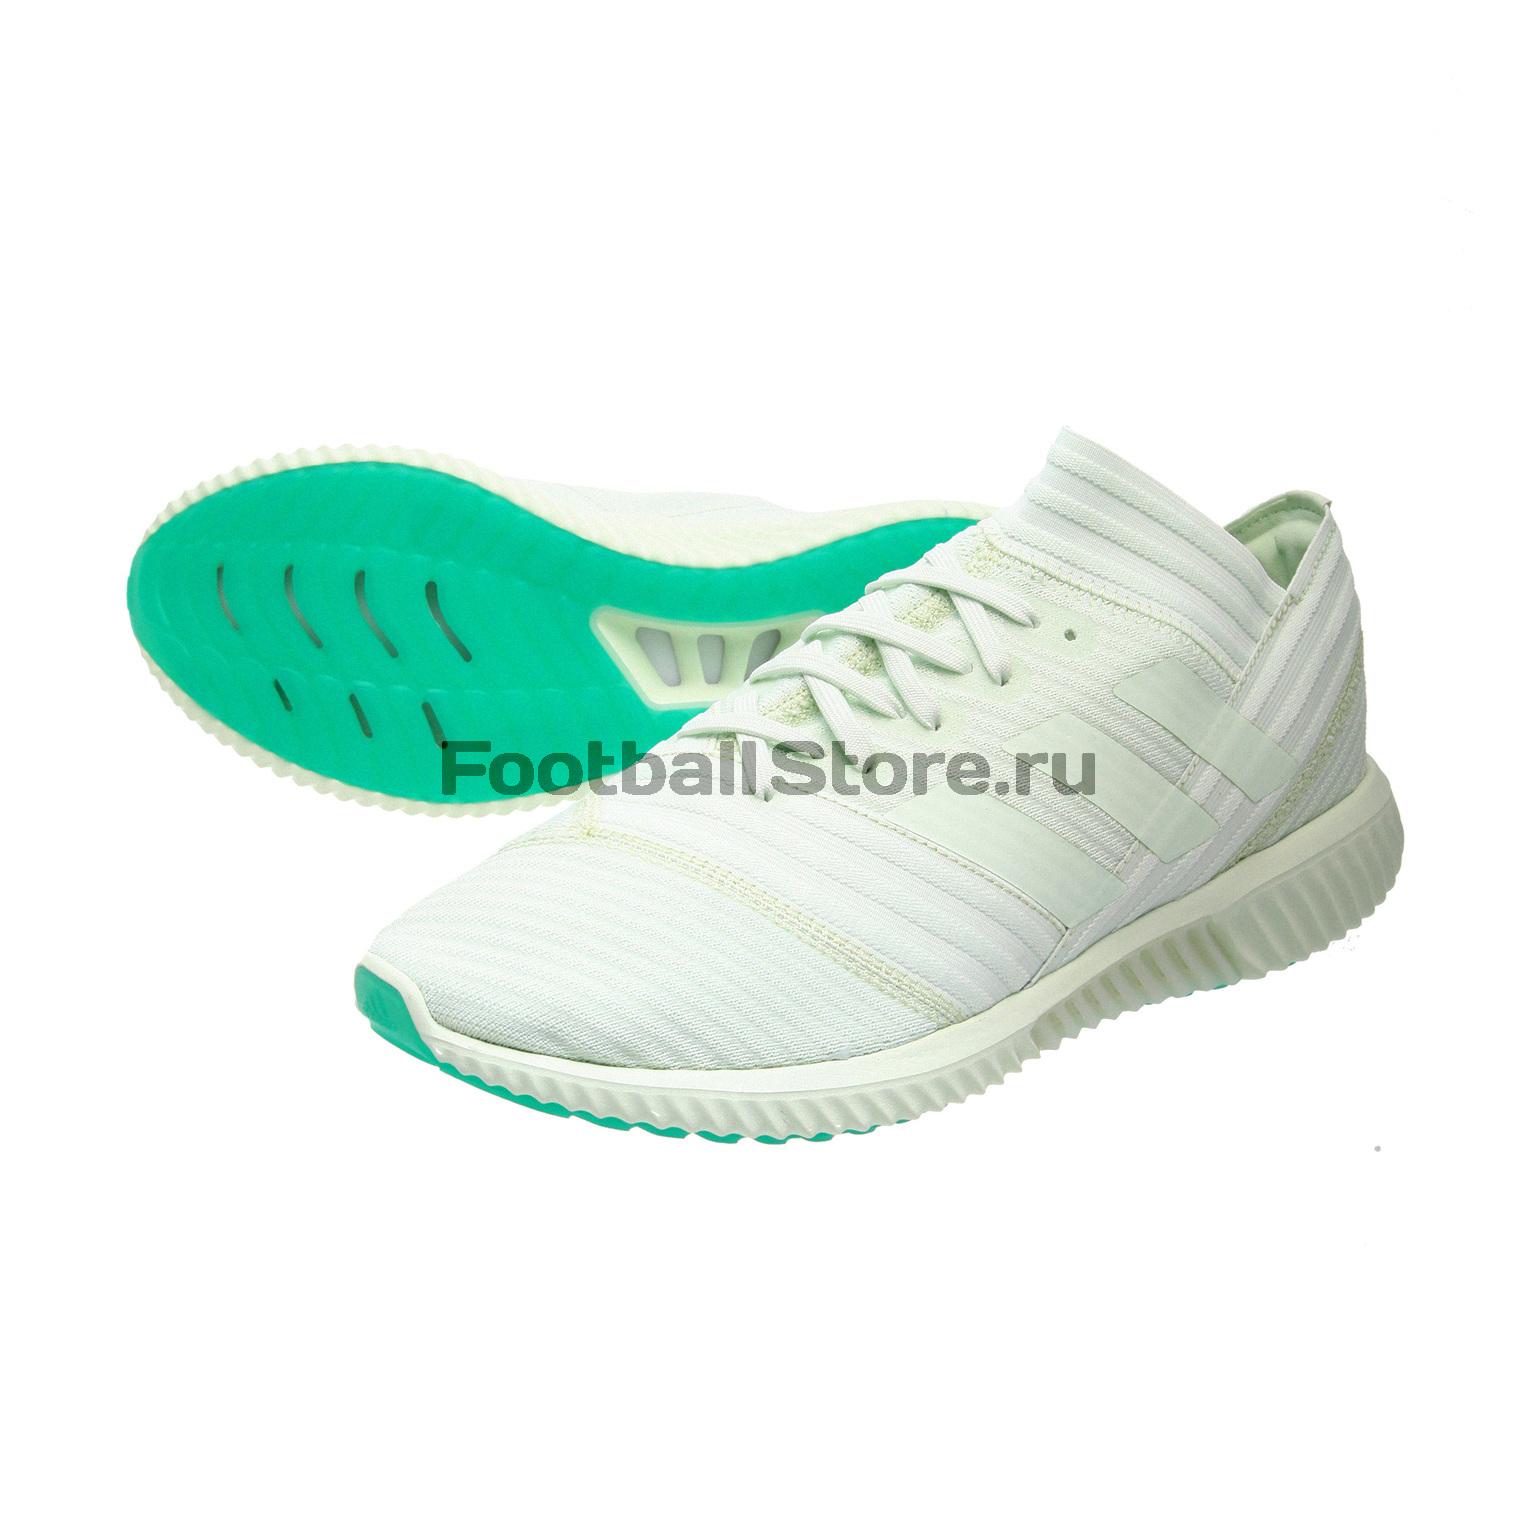 Футбольная обувь Adidas Nemeziz Tango 17.1 TR CP9117